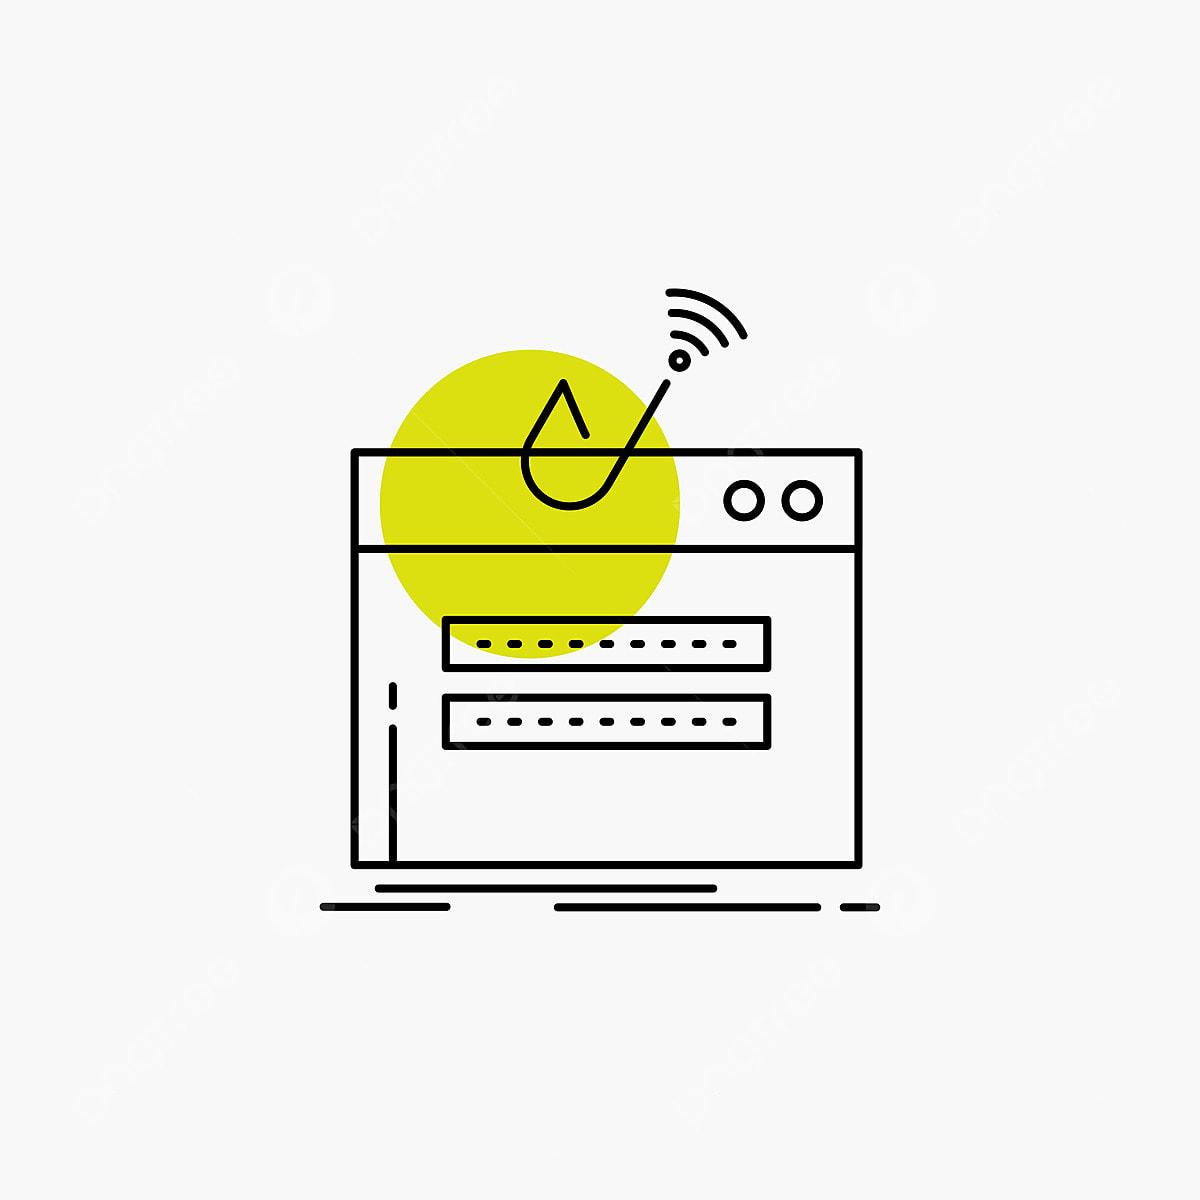 9173a156e el fraude internet login contraseña Robo Icono linea Gratis PNG y Vector